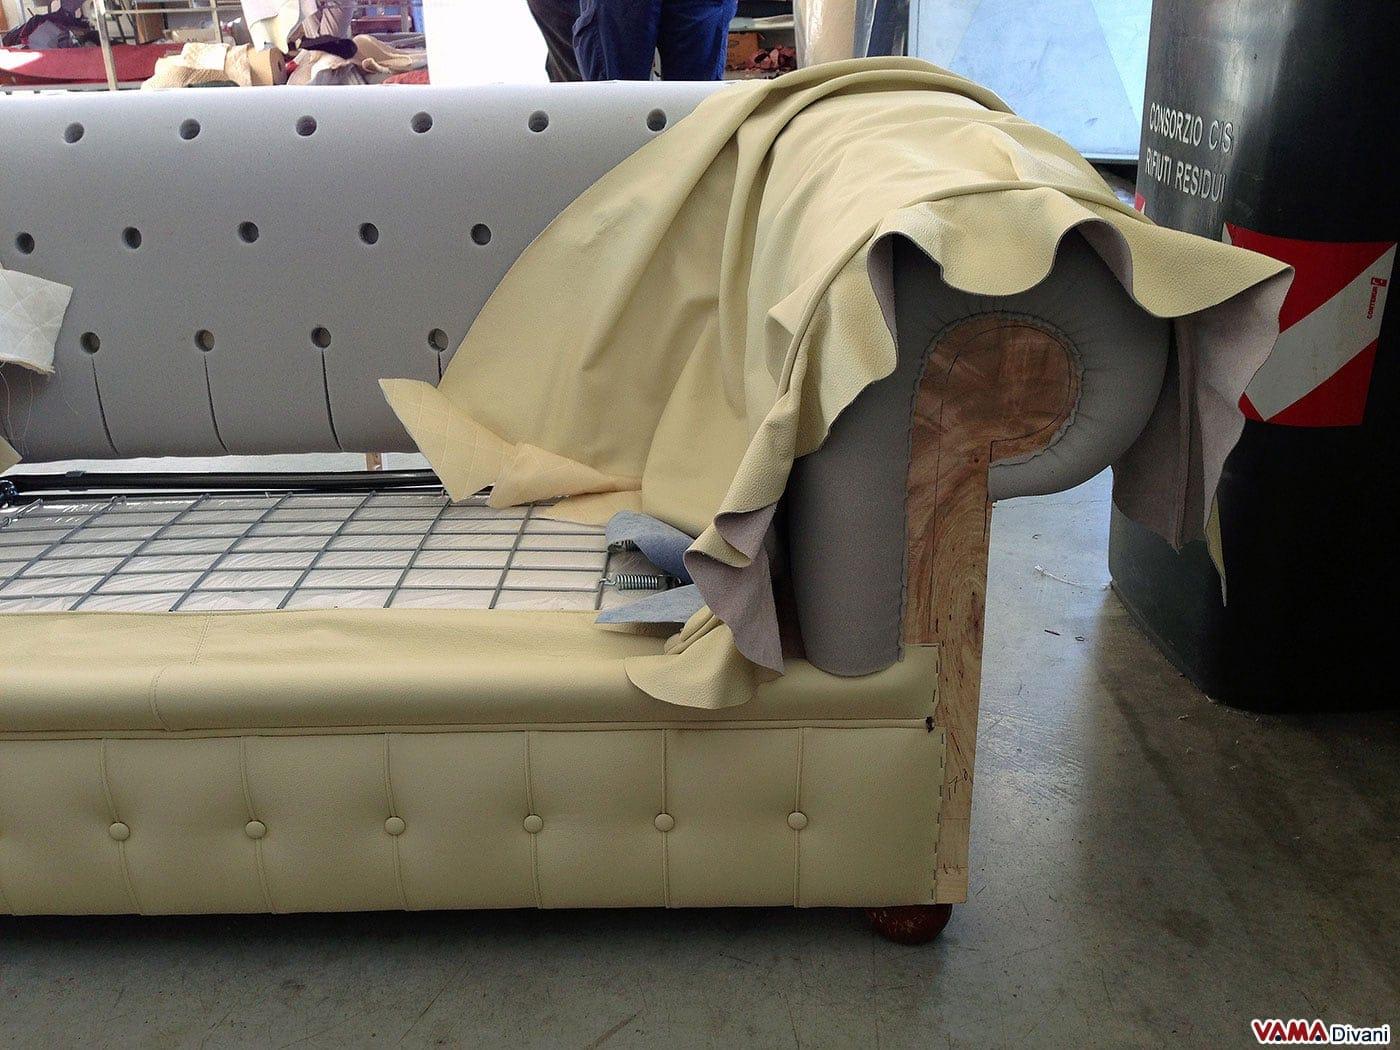 Cuscini per divani fatti a mano : 7 motivi per acquistare un divano chesterfield di vama divani